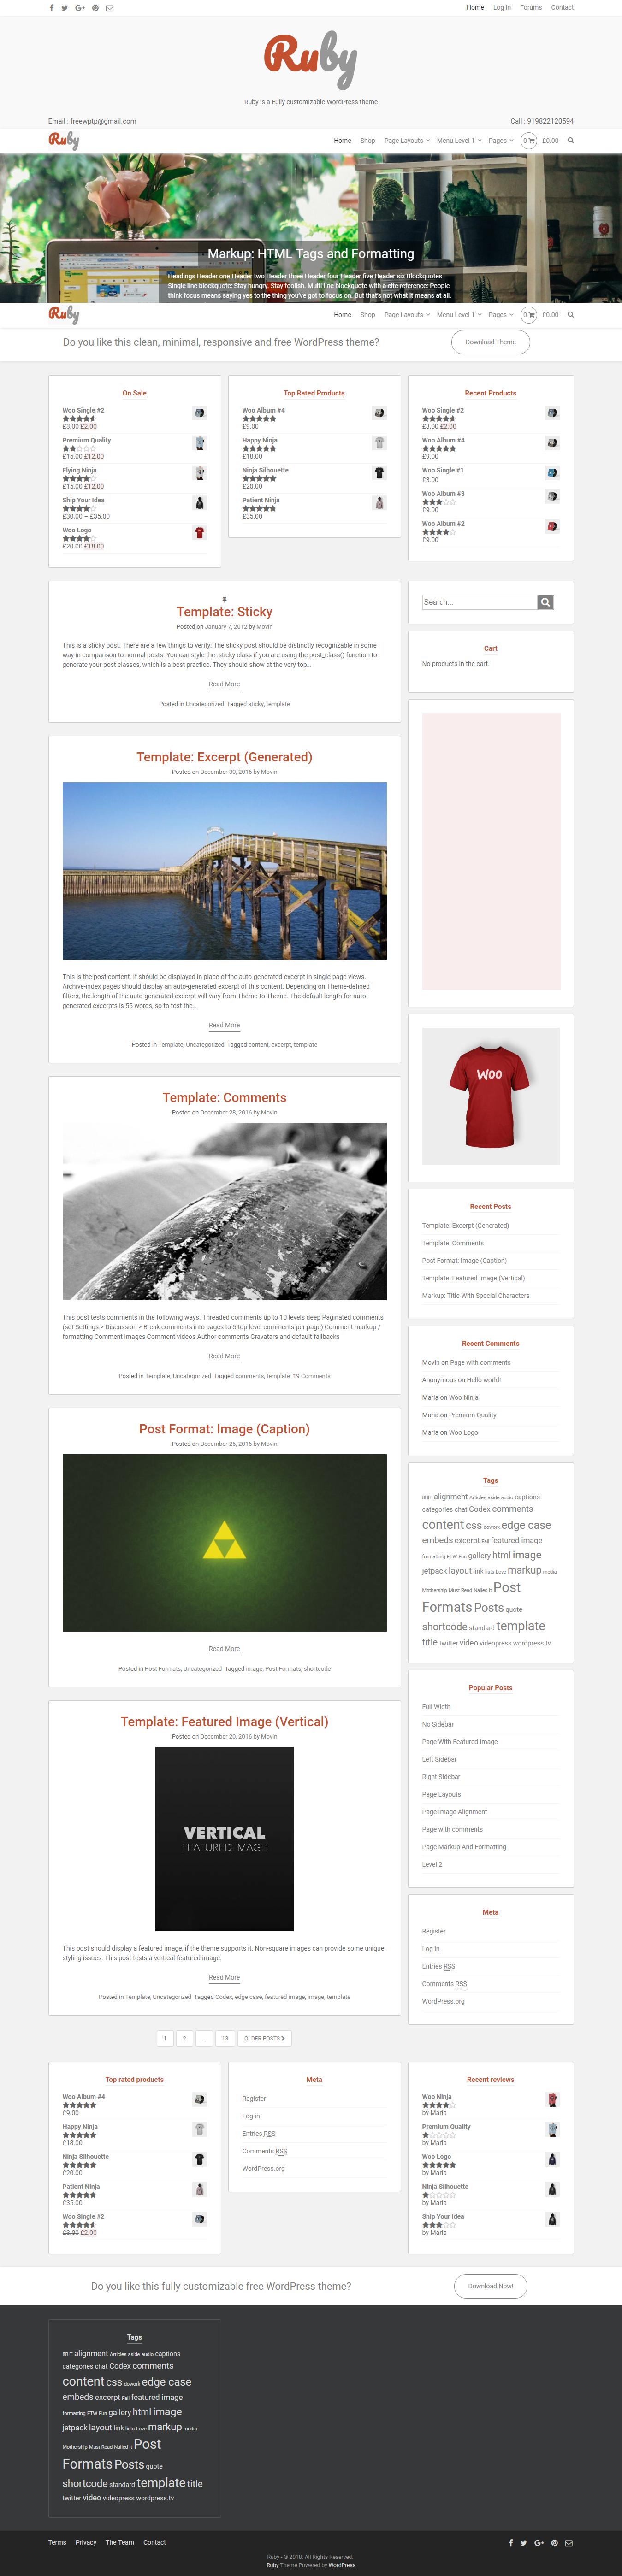 Ruby - Best Free BuddyPress WordPress Theme